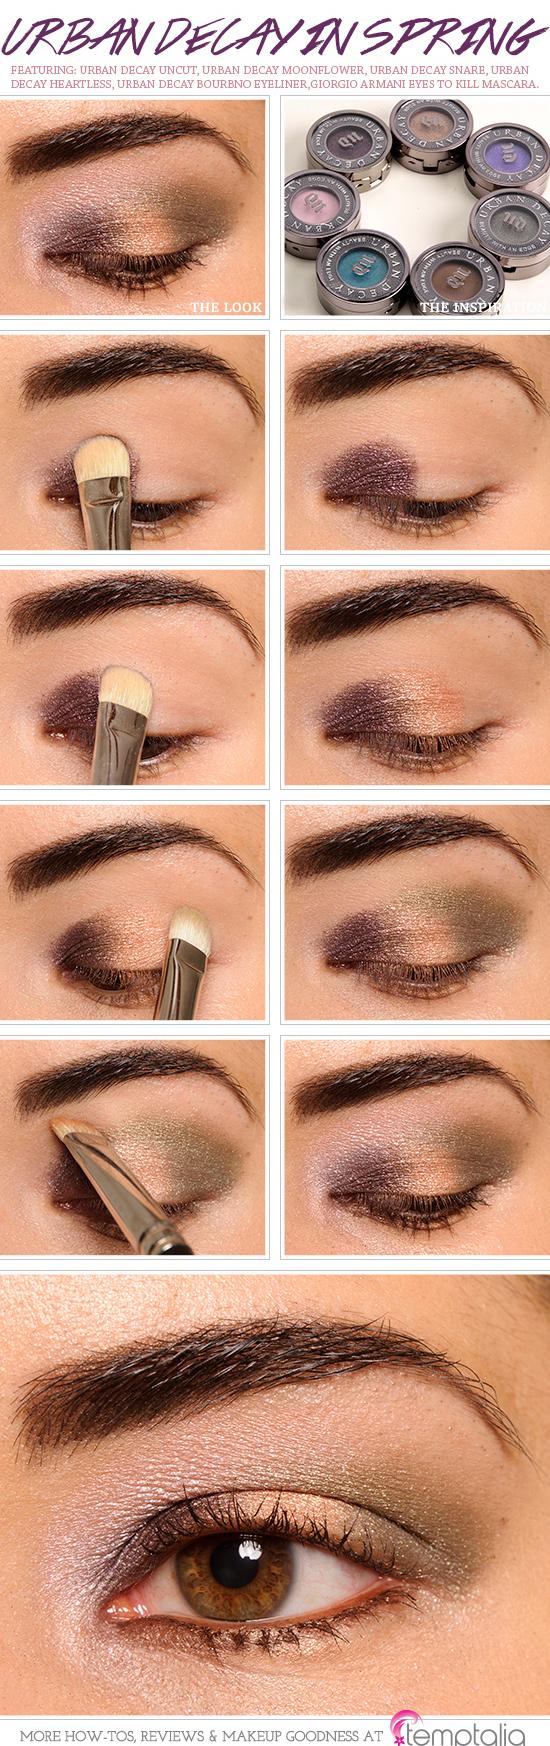 Urban Decay Uncut Eyeshadow